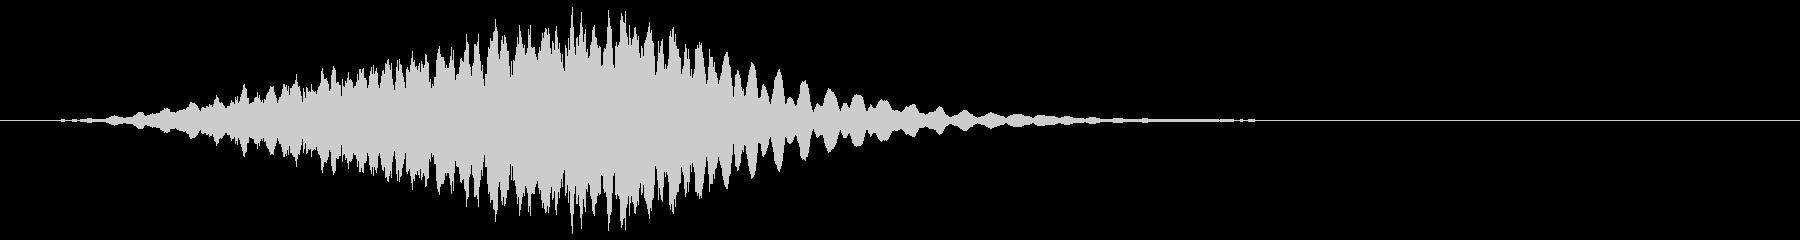 【ゲーム演出】SFX_キーンッ・・・の未再生の波形